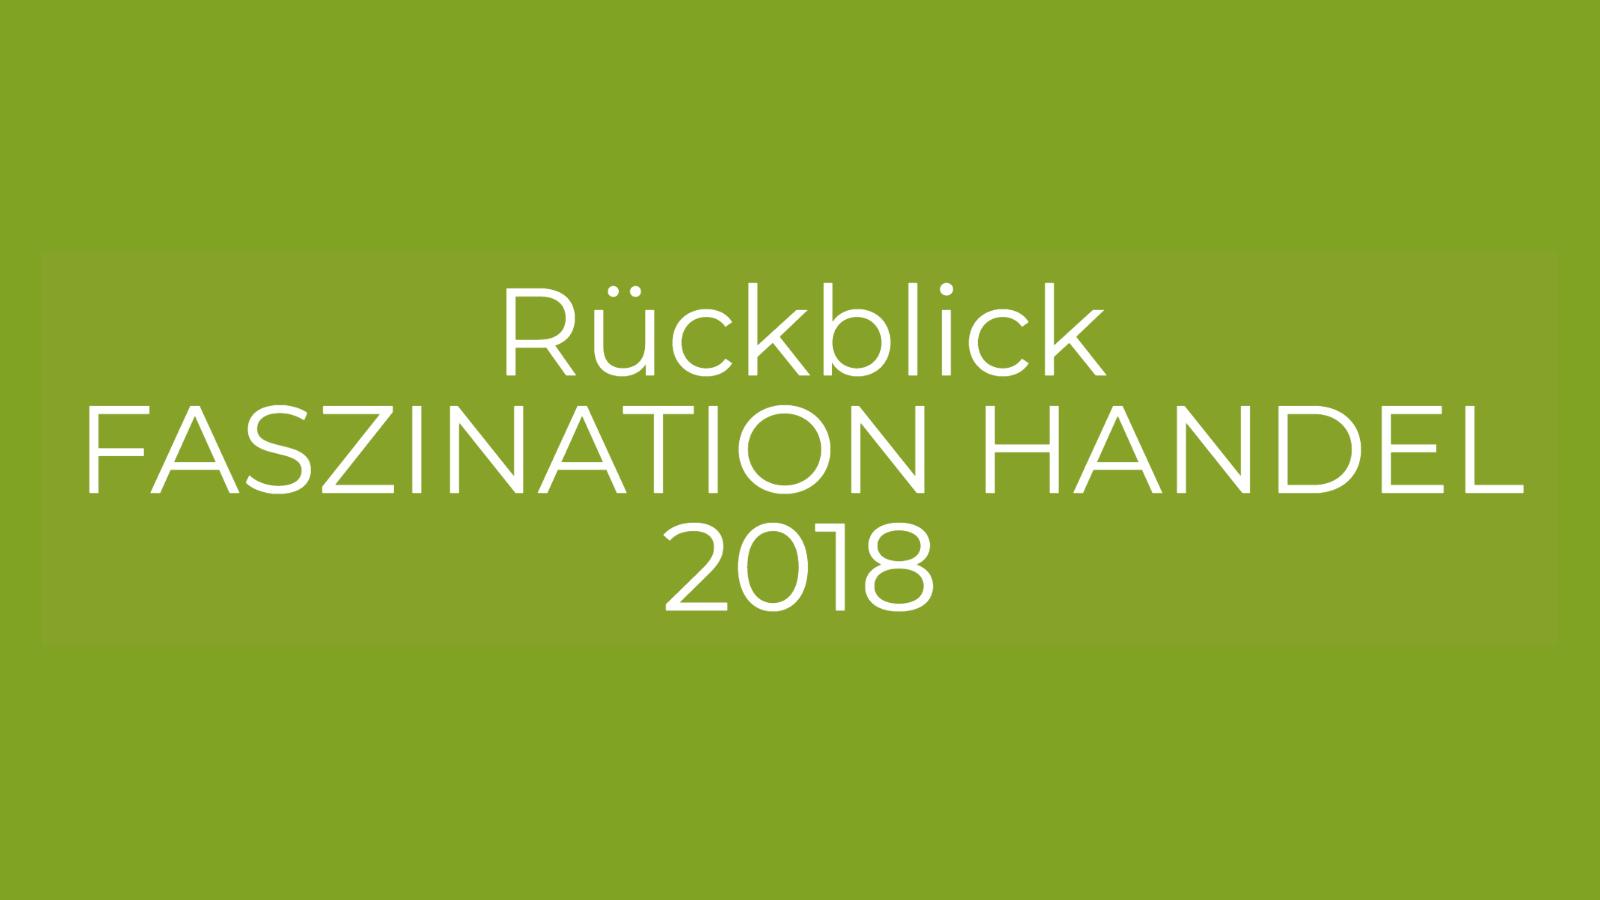 Rückblick FASZINATION HANDEL 2018